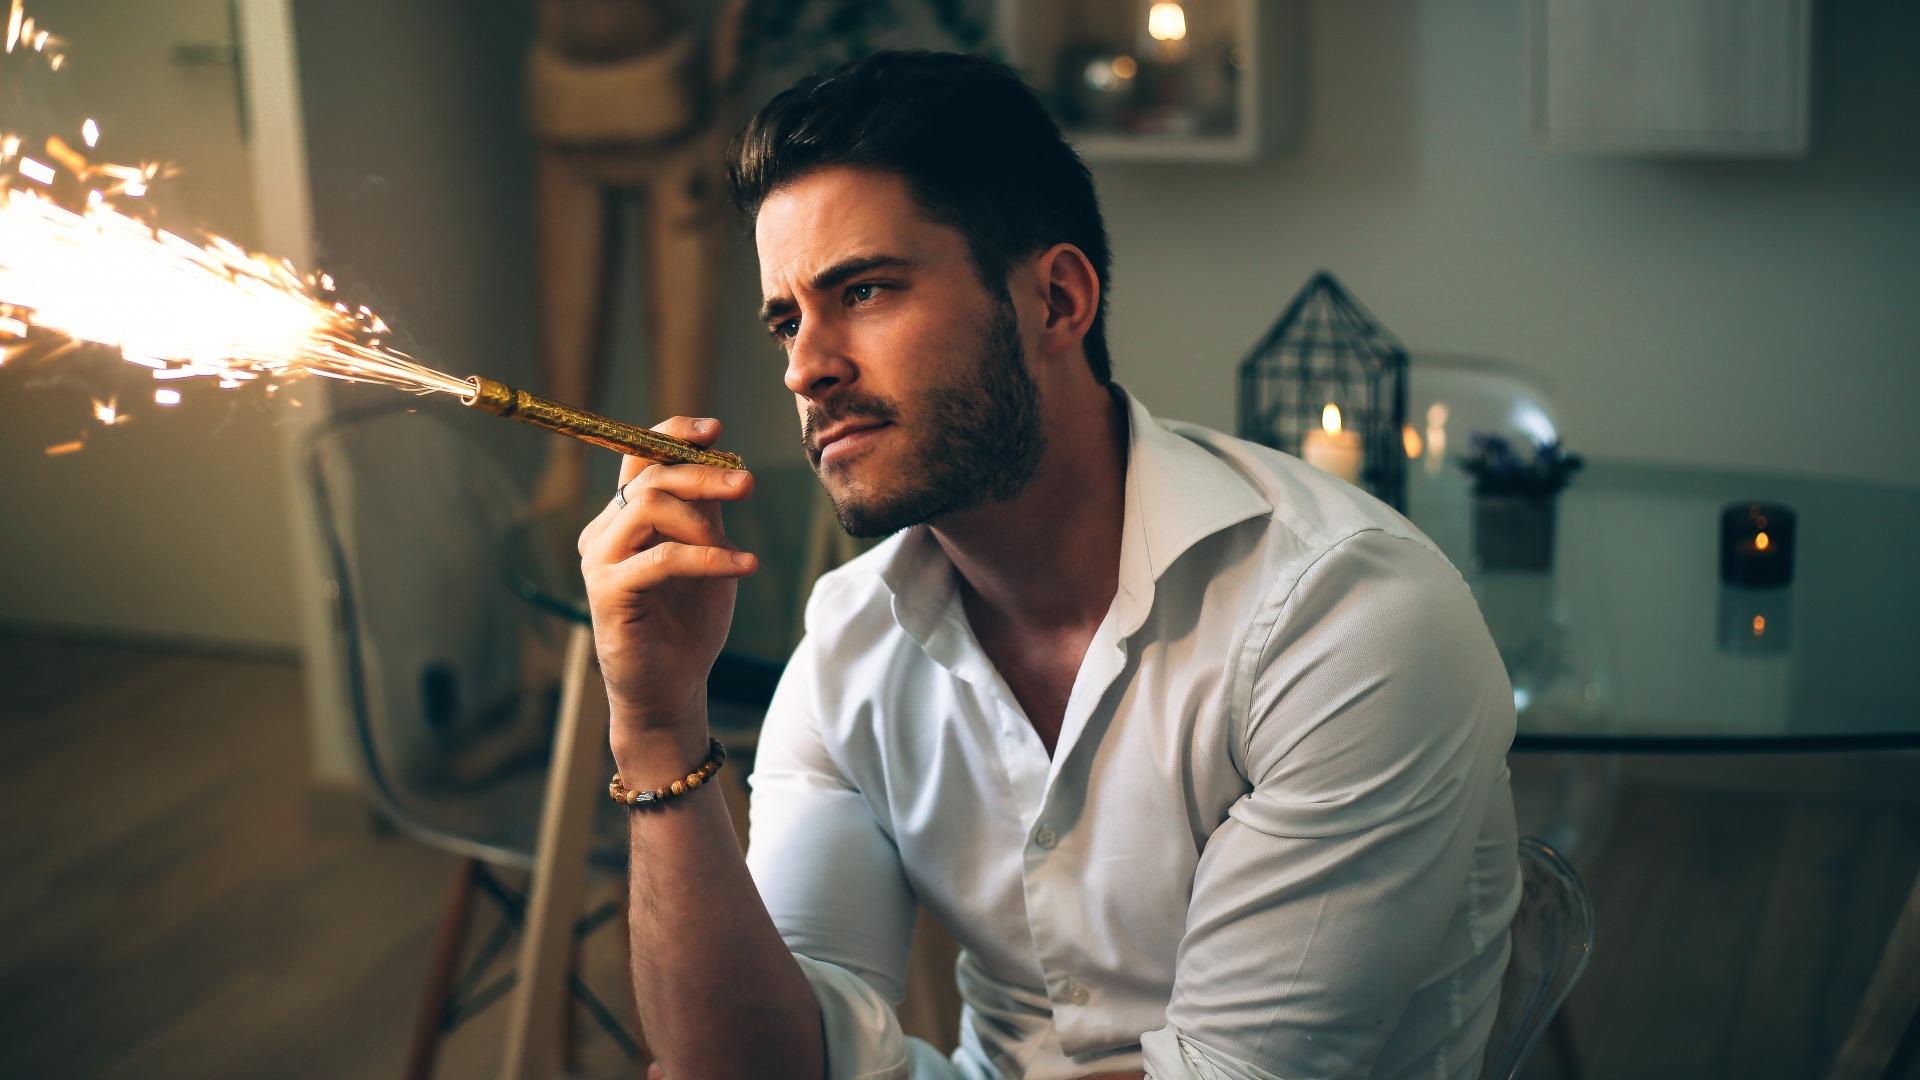 Τι κάνει ελκυστικό έναν άνδρα στις γυναίκες;